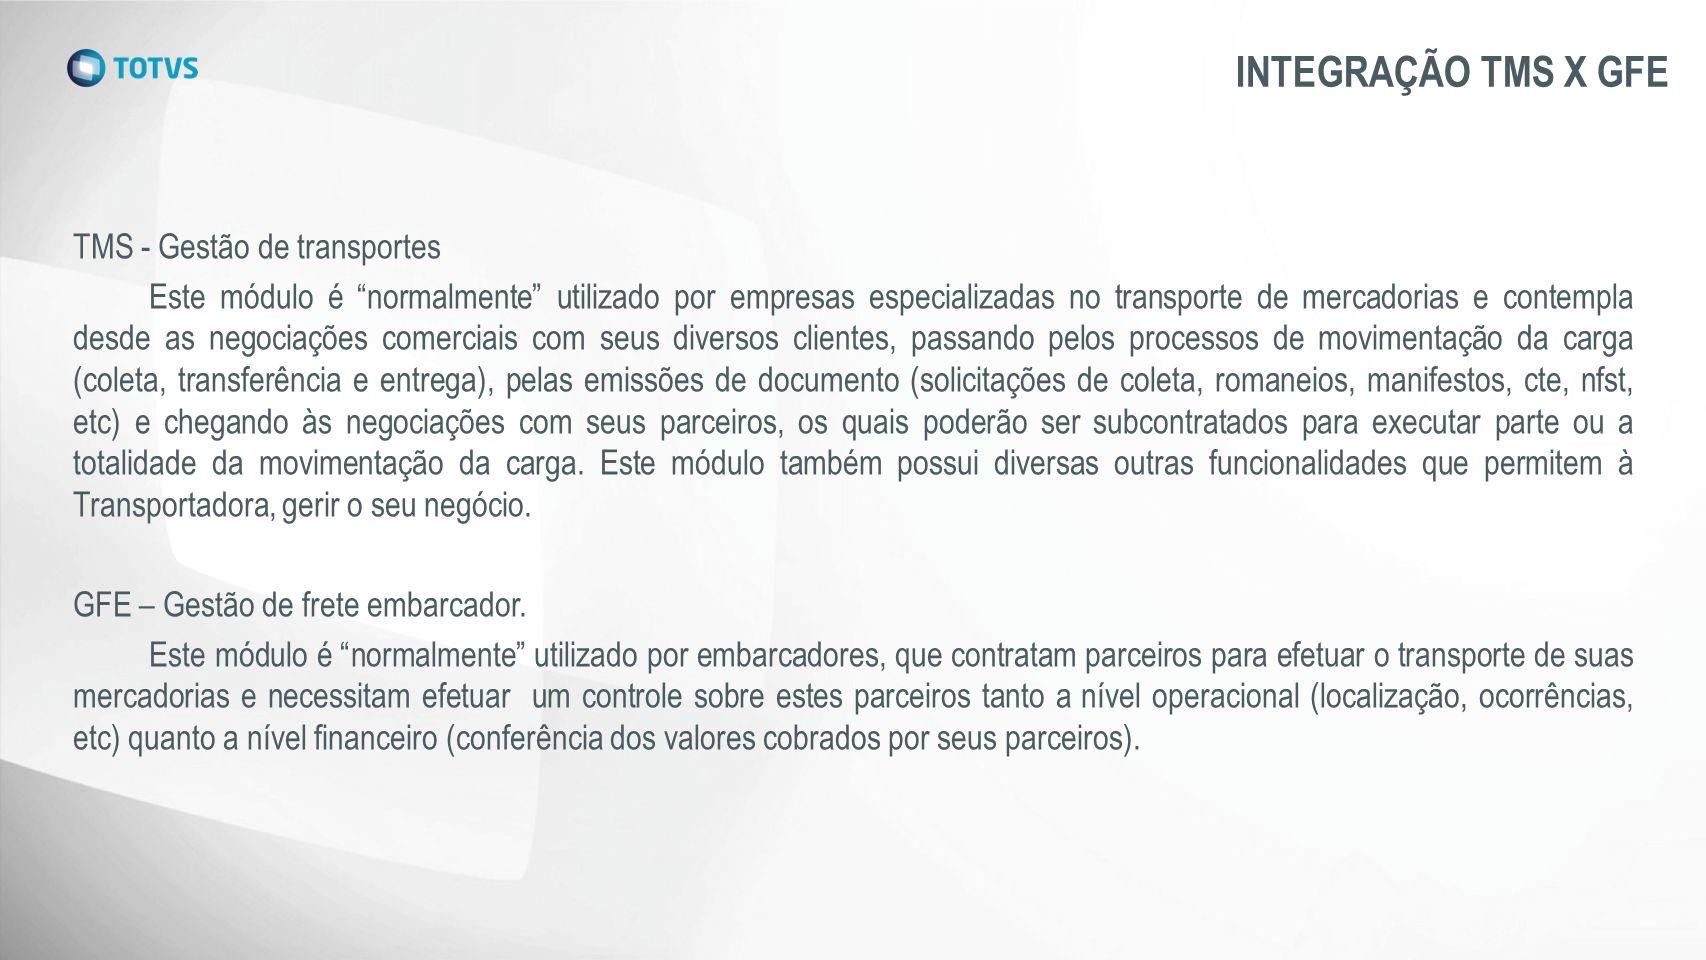 INTEGRAÇÃO TMS X GFE